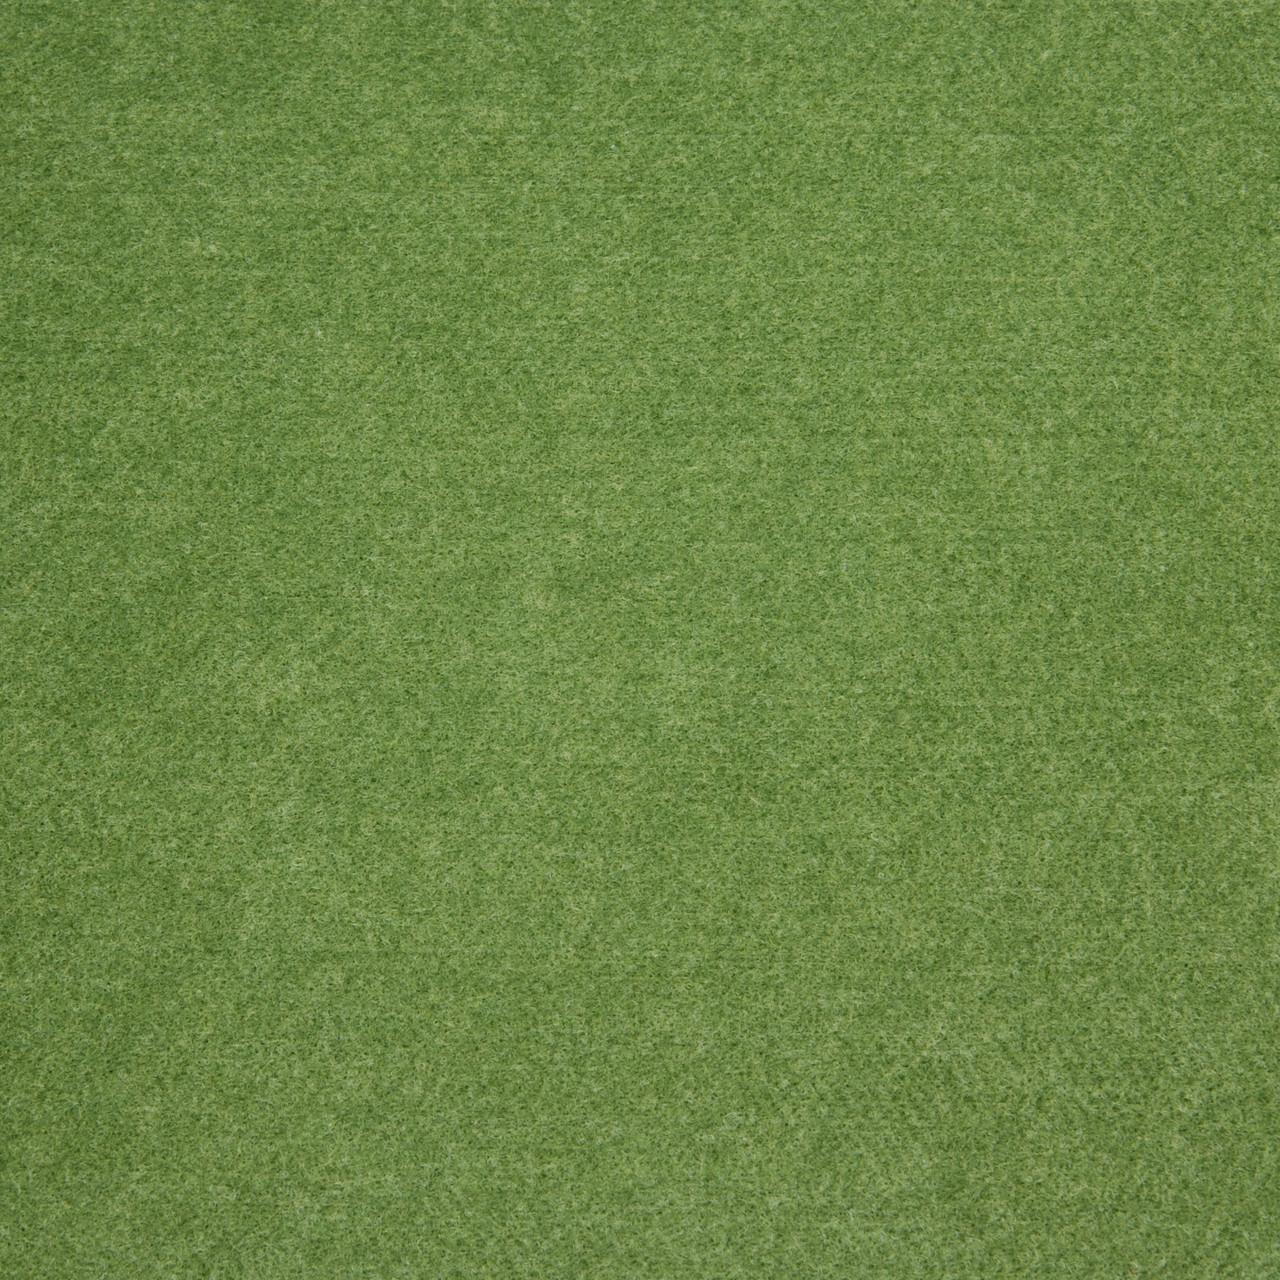 Фетр корейська жорсткий 2 мм ПРЕМІУМ, 55x30 см, СІРИЙ МЕЛАНЖ C-85